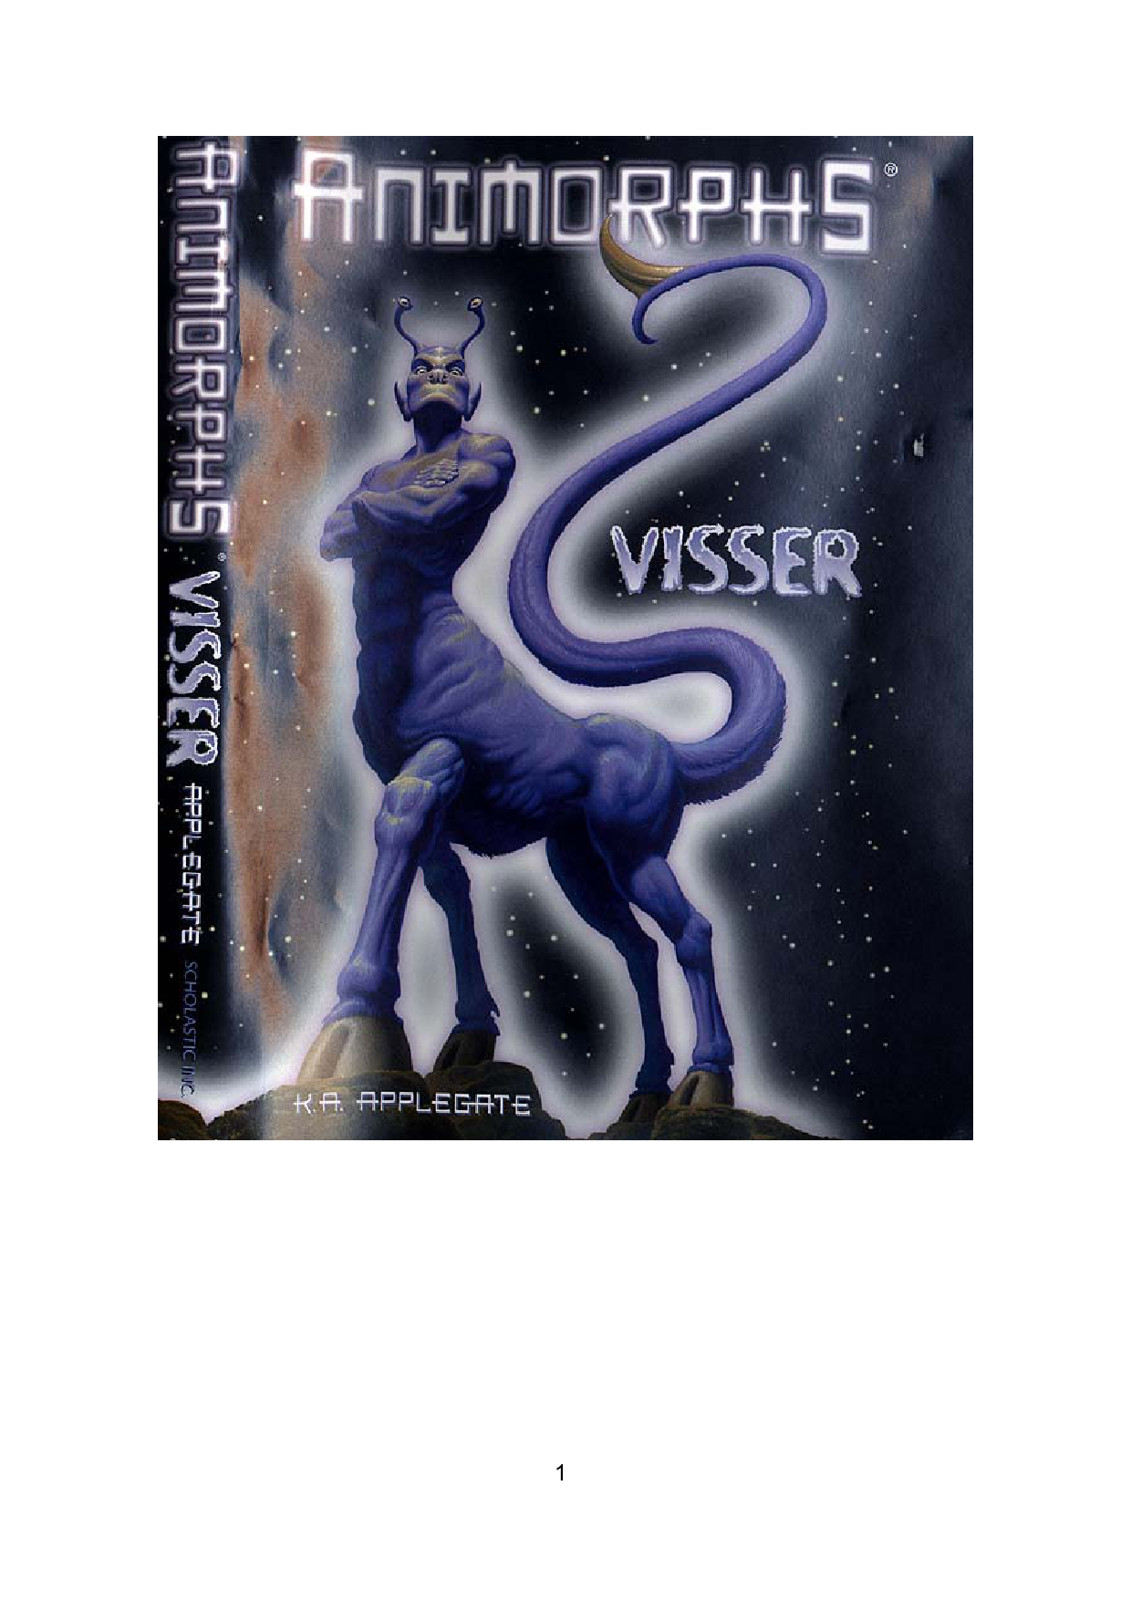 The Visser Chronicles